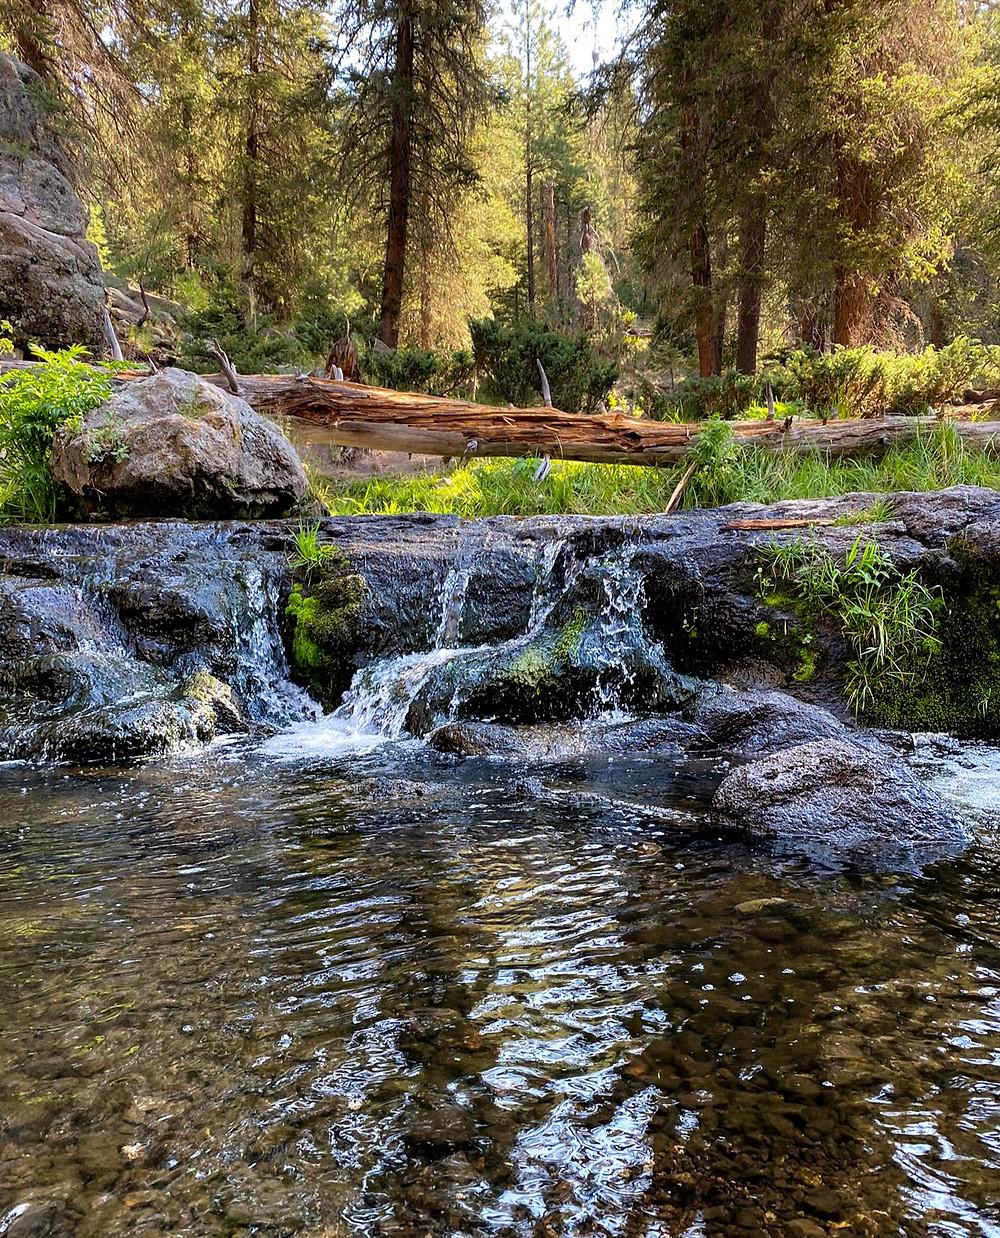 East Fork Jemez River waterfall